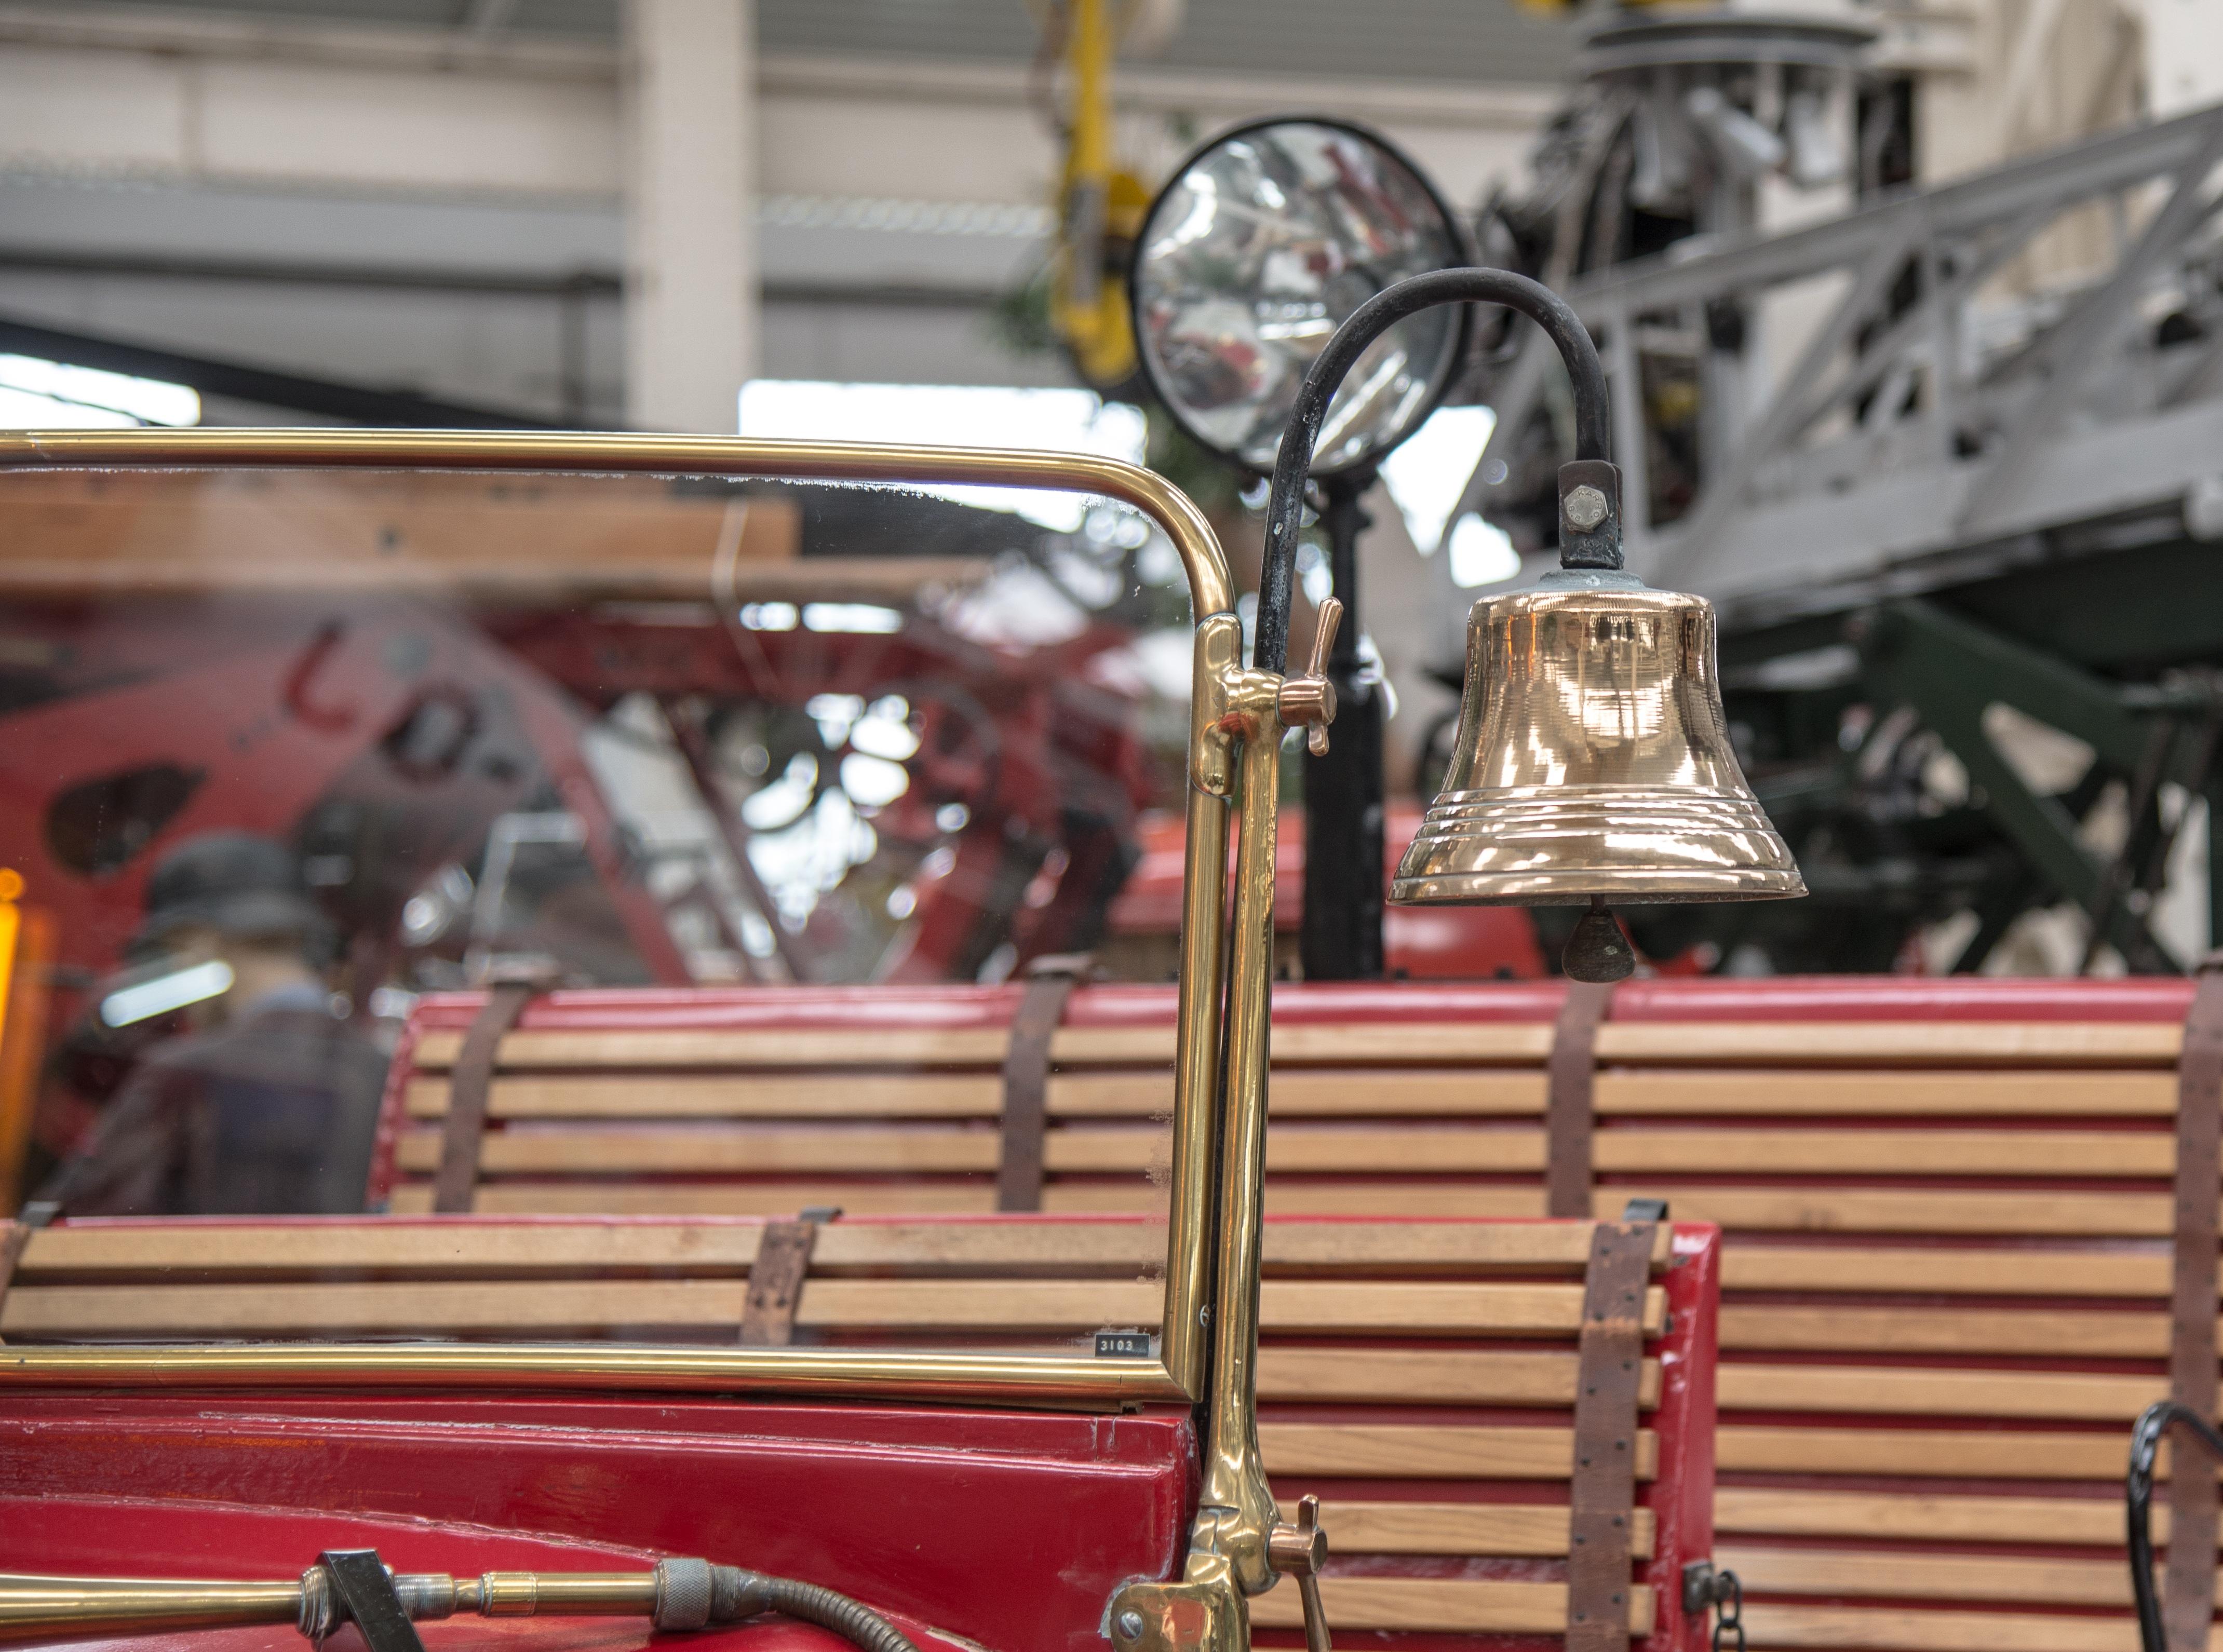 Free Images : antique, retro, horn, red, equipment, auto, signal ...